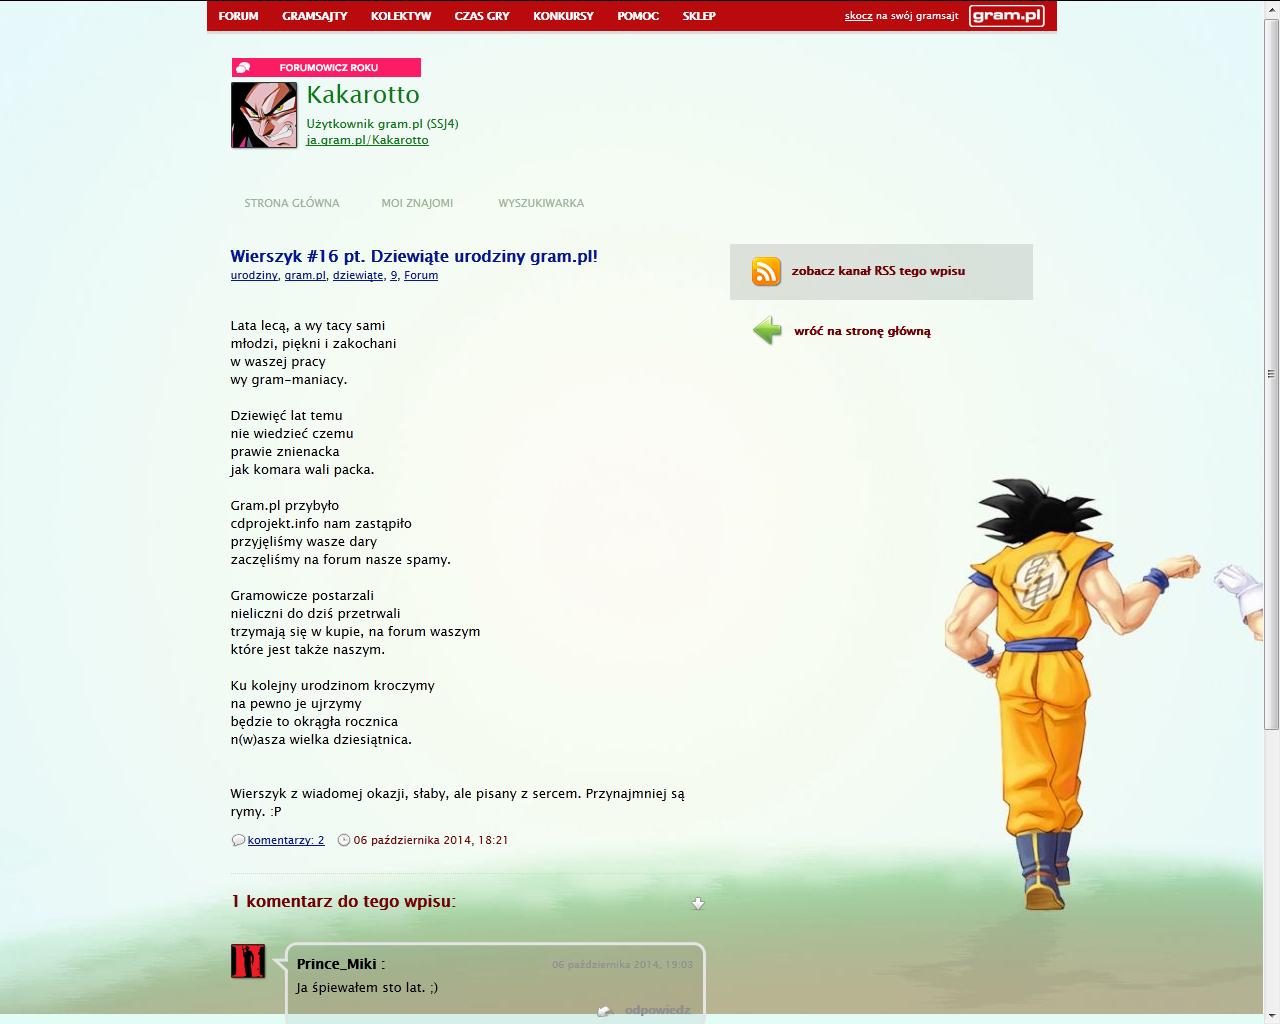 Kakarotto napisał wierszyk z okazji dziewiątych urodzin gram.pl!